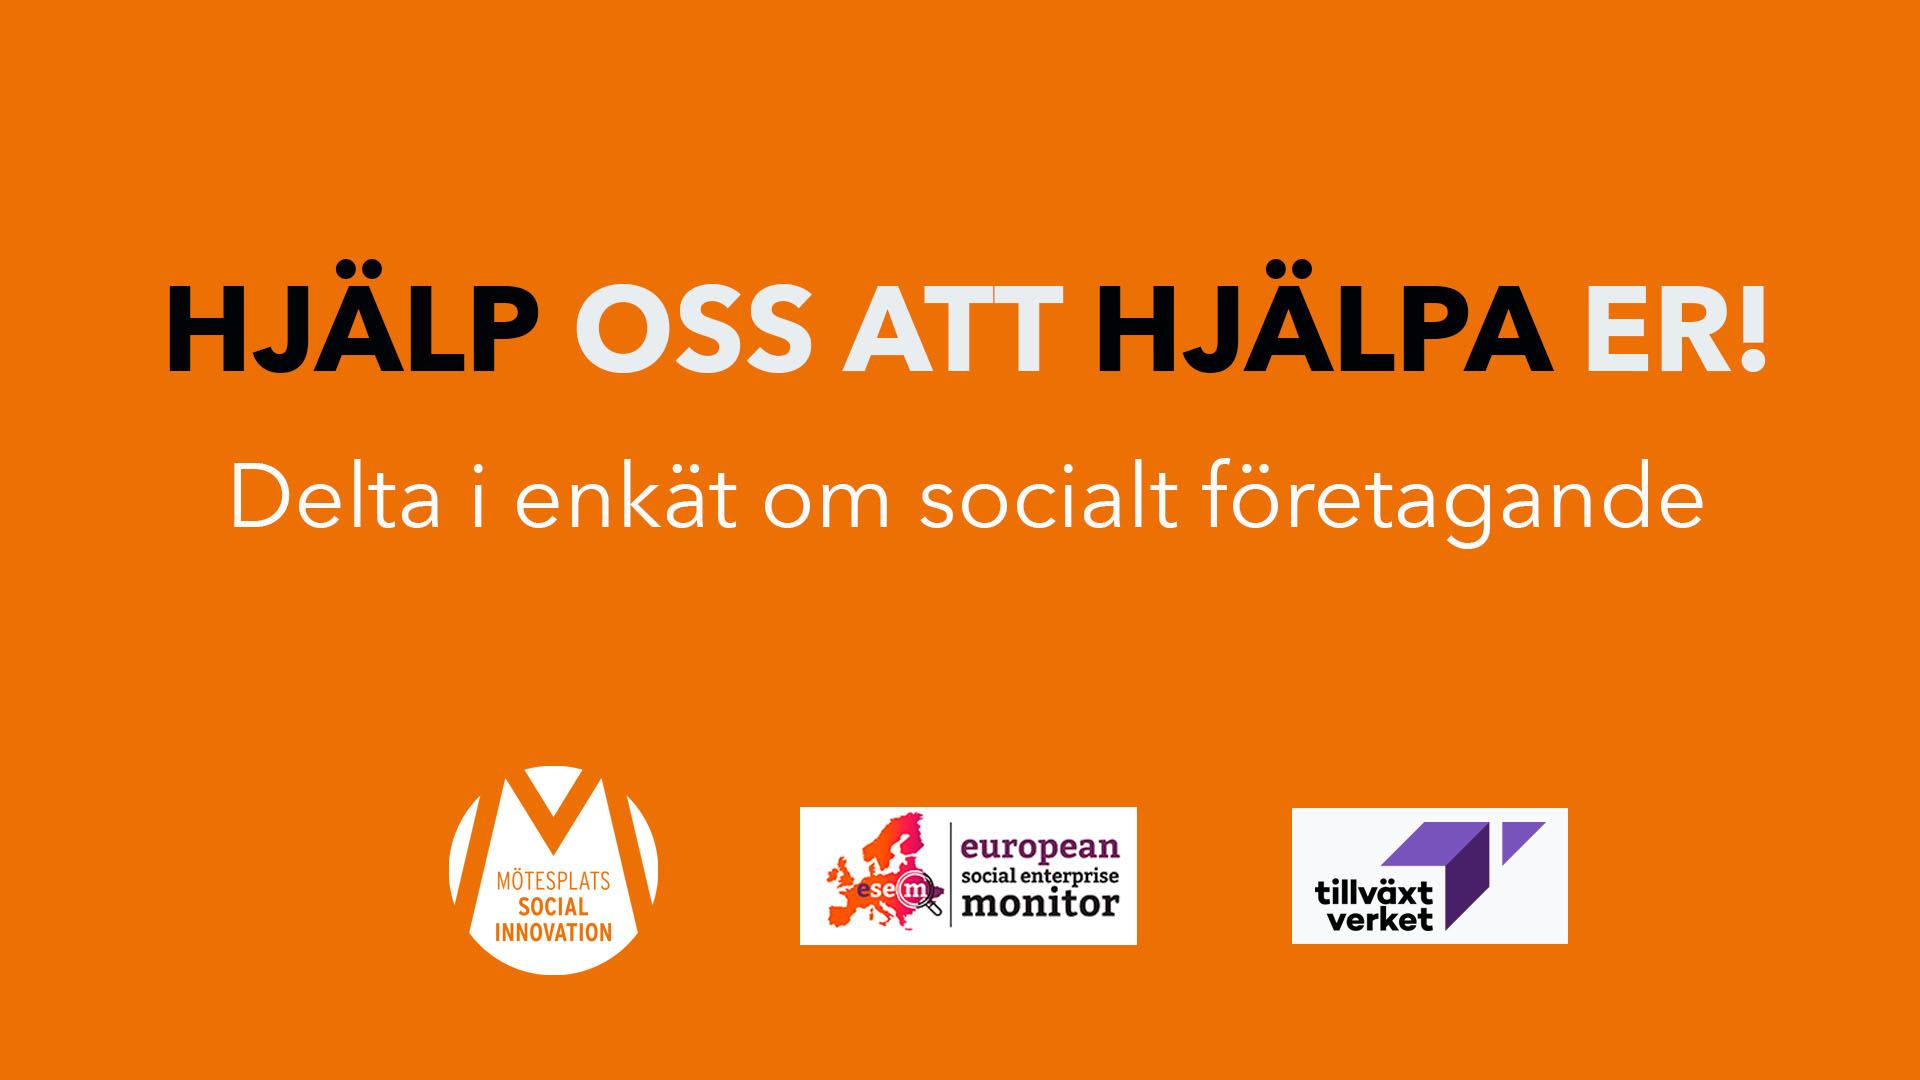 Banner för European Social Enterprise Monitor. Hjälp oss att hjälpa er! Delta i undersökningen.